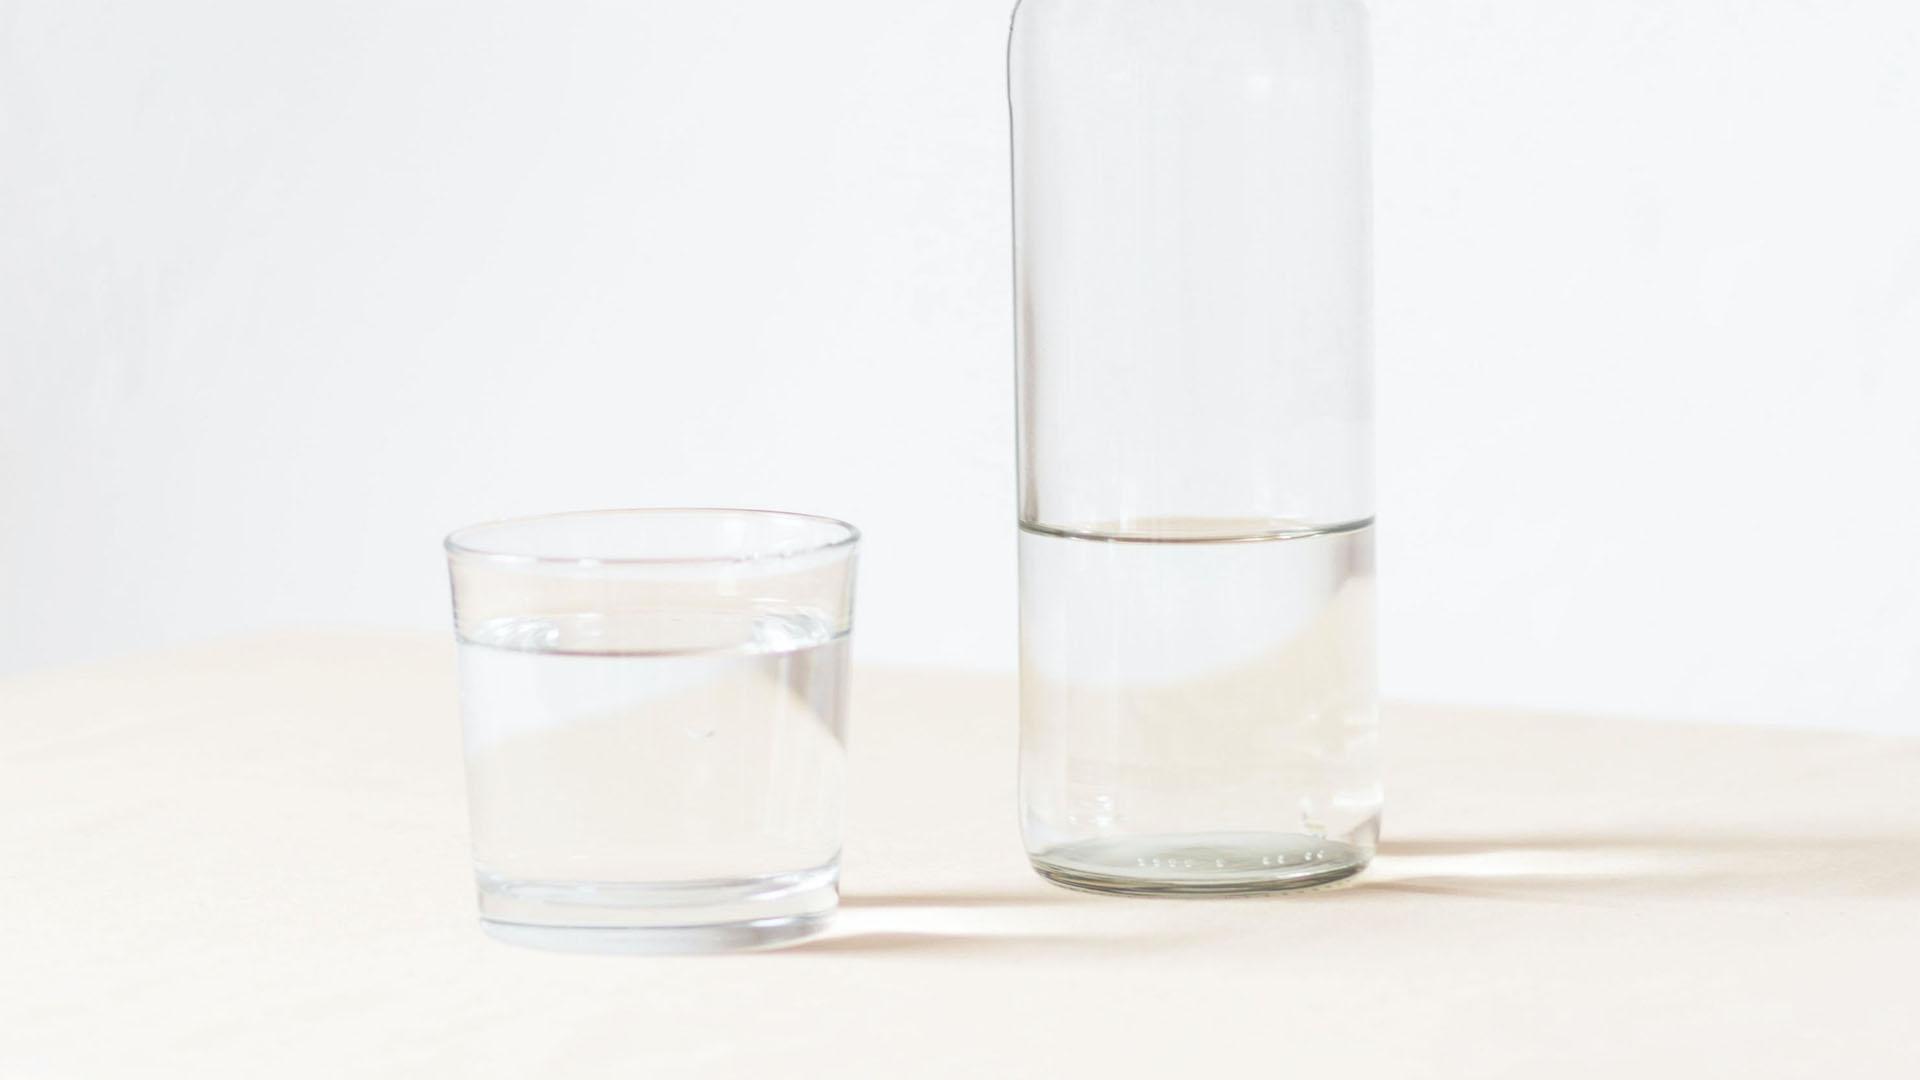 verre consigné recyclé déchet environnement